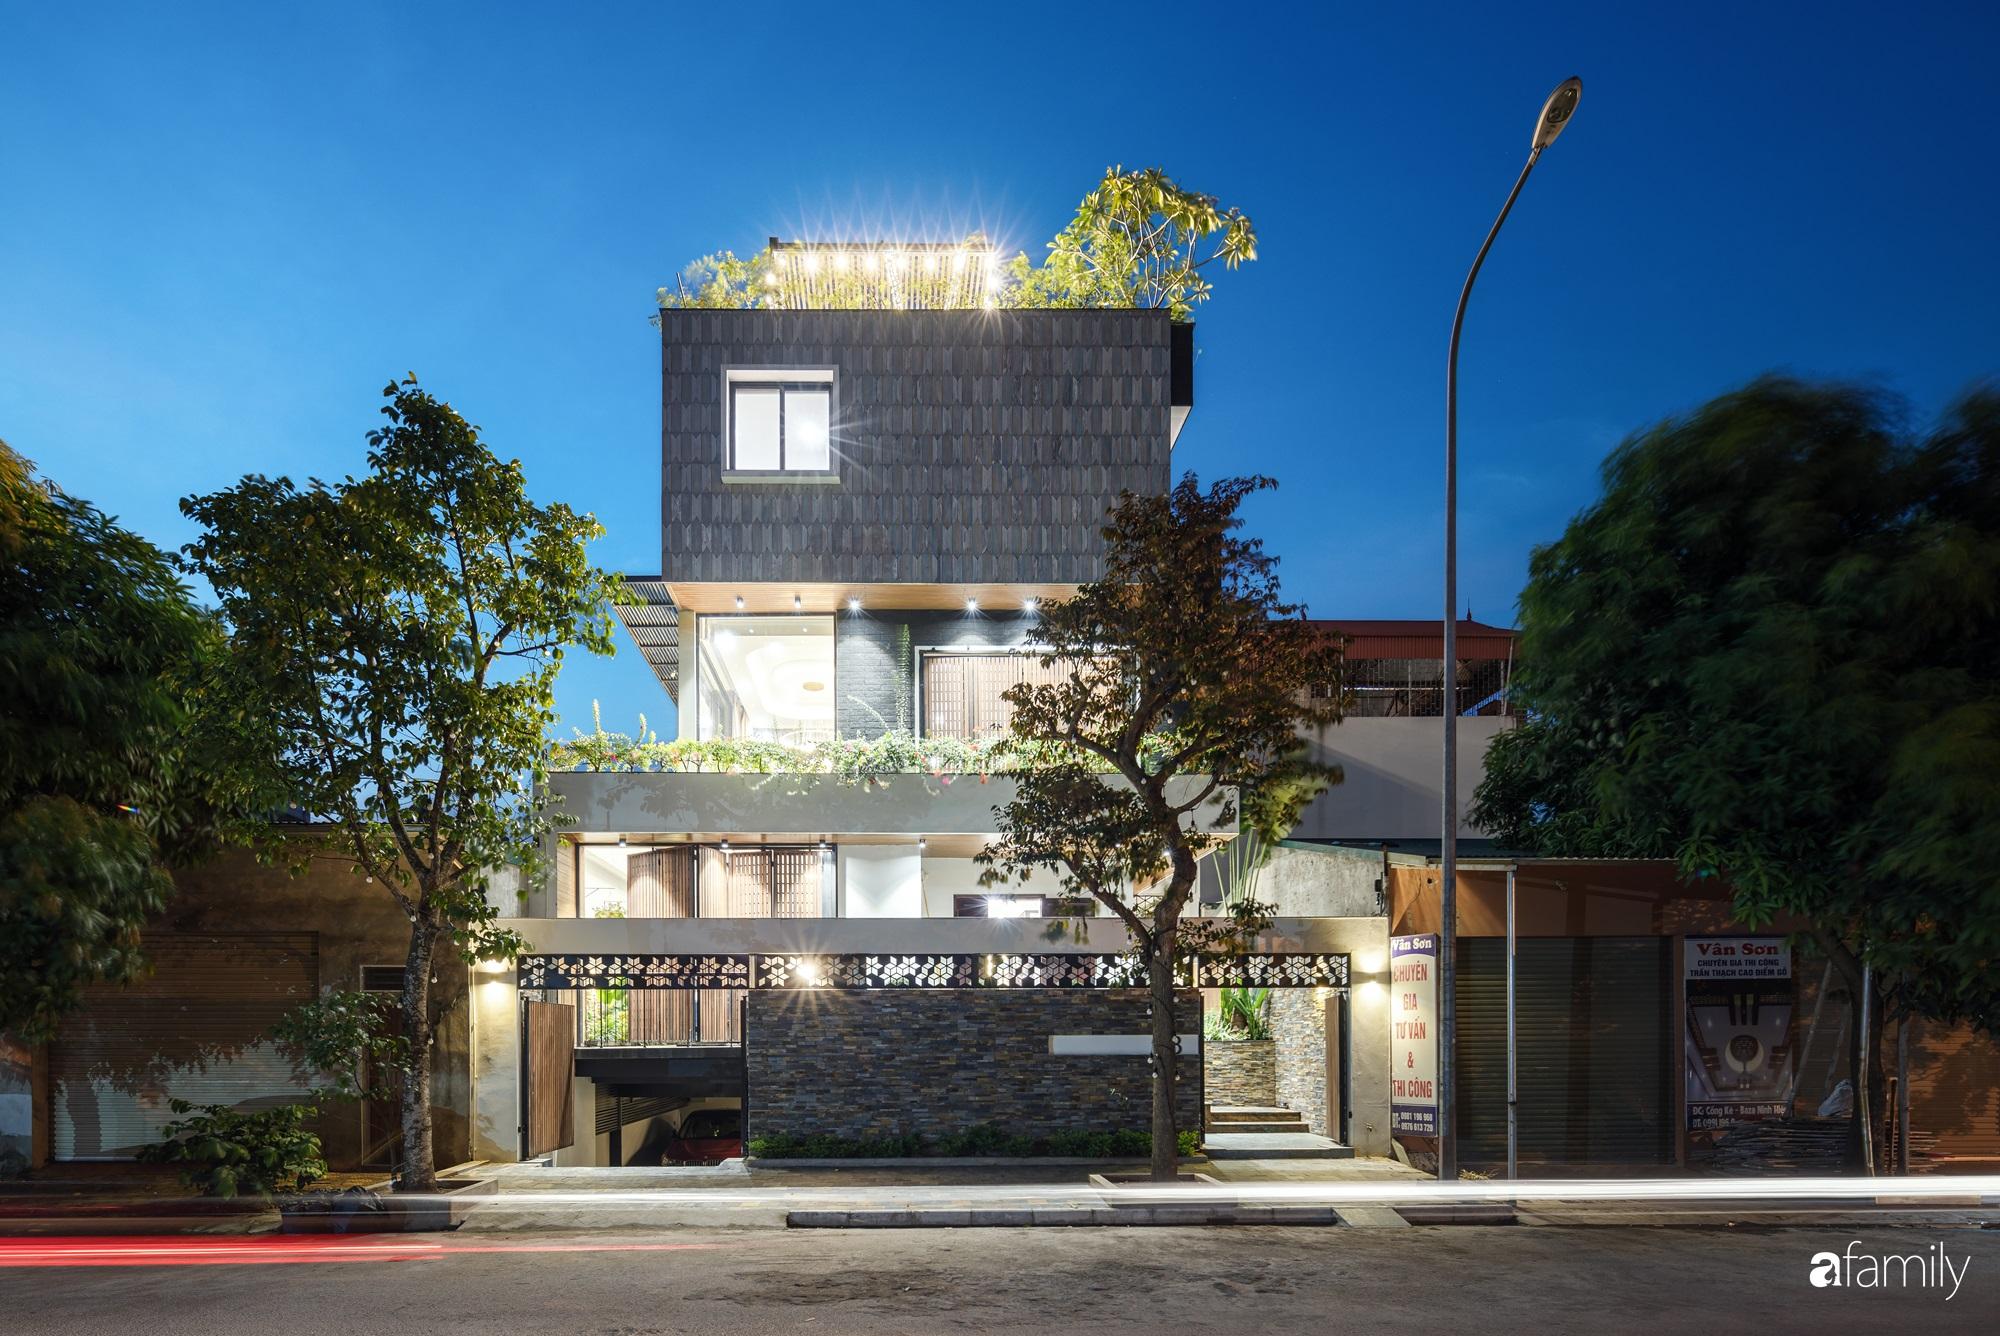 Biệt thự vườn phóng khoáng, hiện đại ở ngoại thành Hà Nội - Ảnh 1.